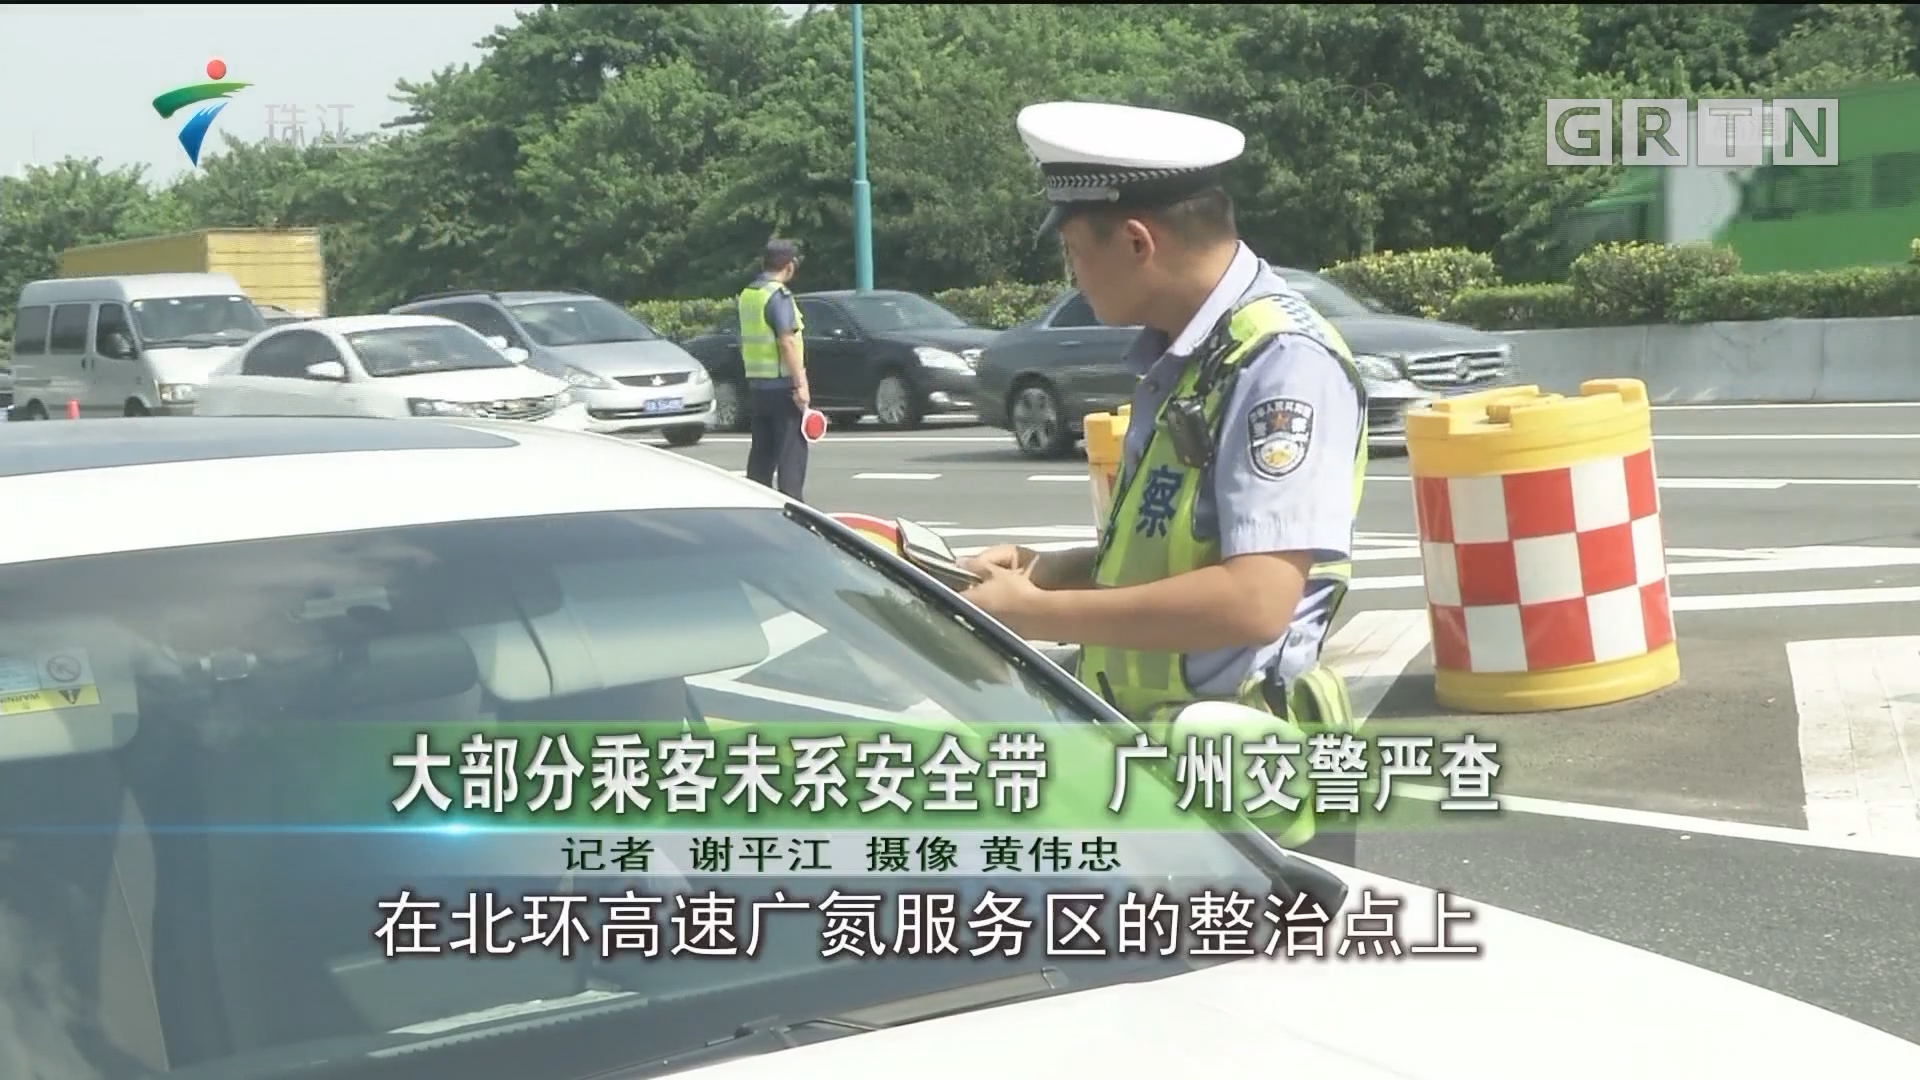 大部分乘客未系安全带 广州交警严查